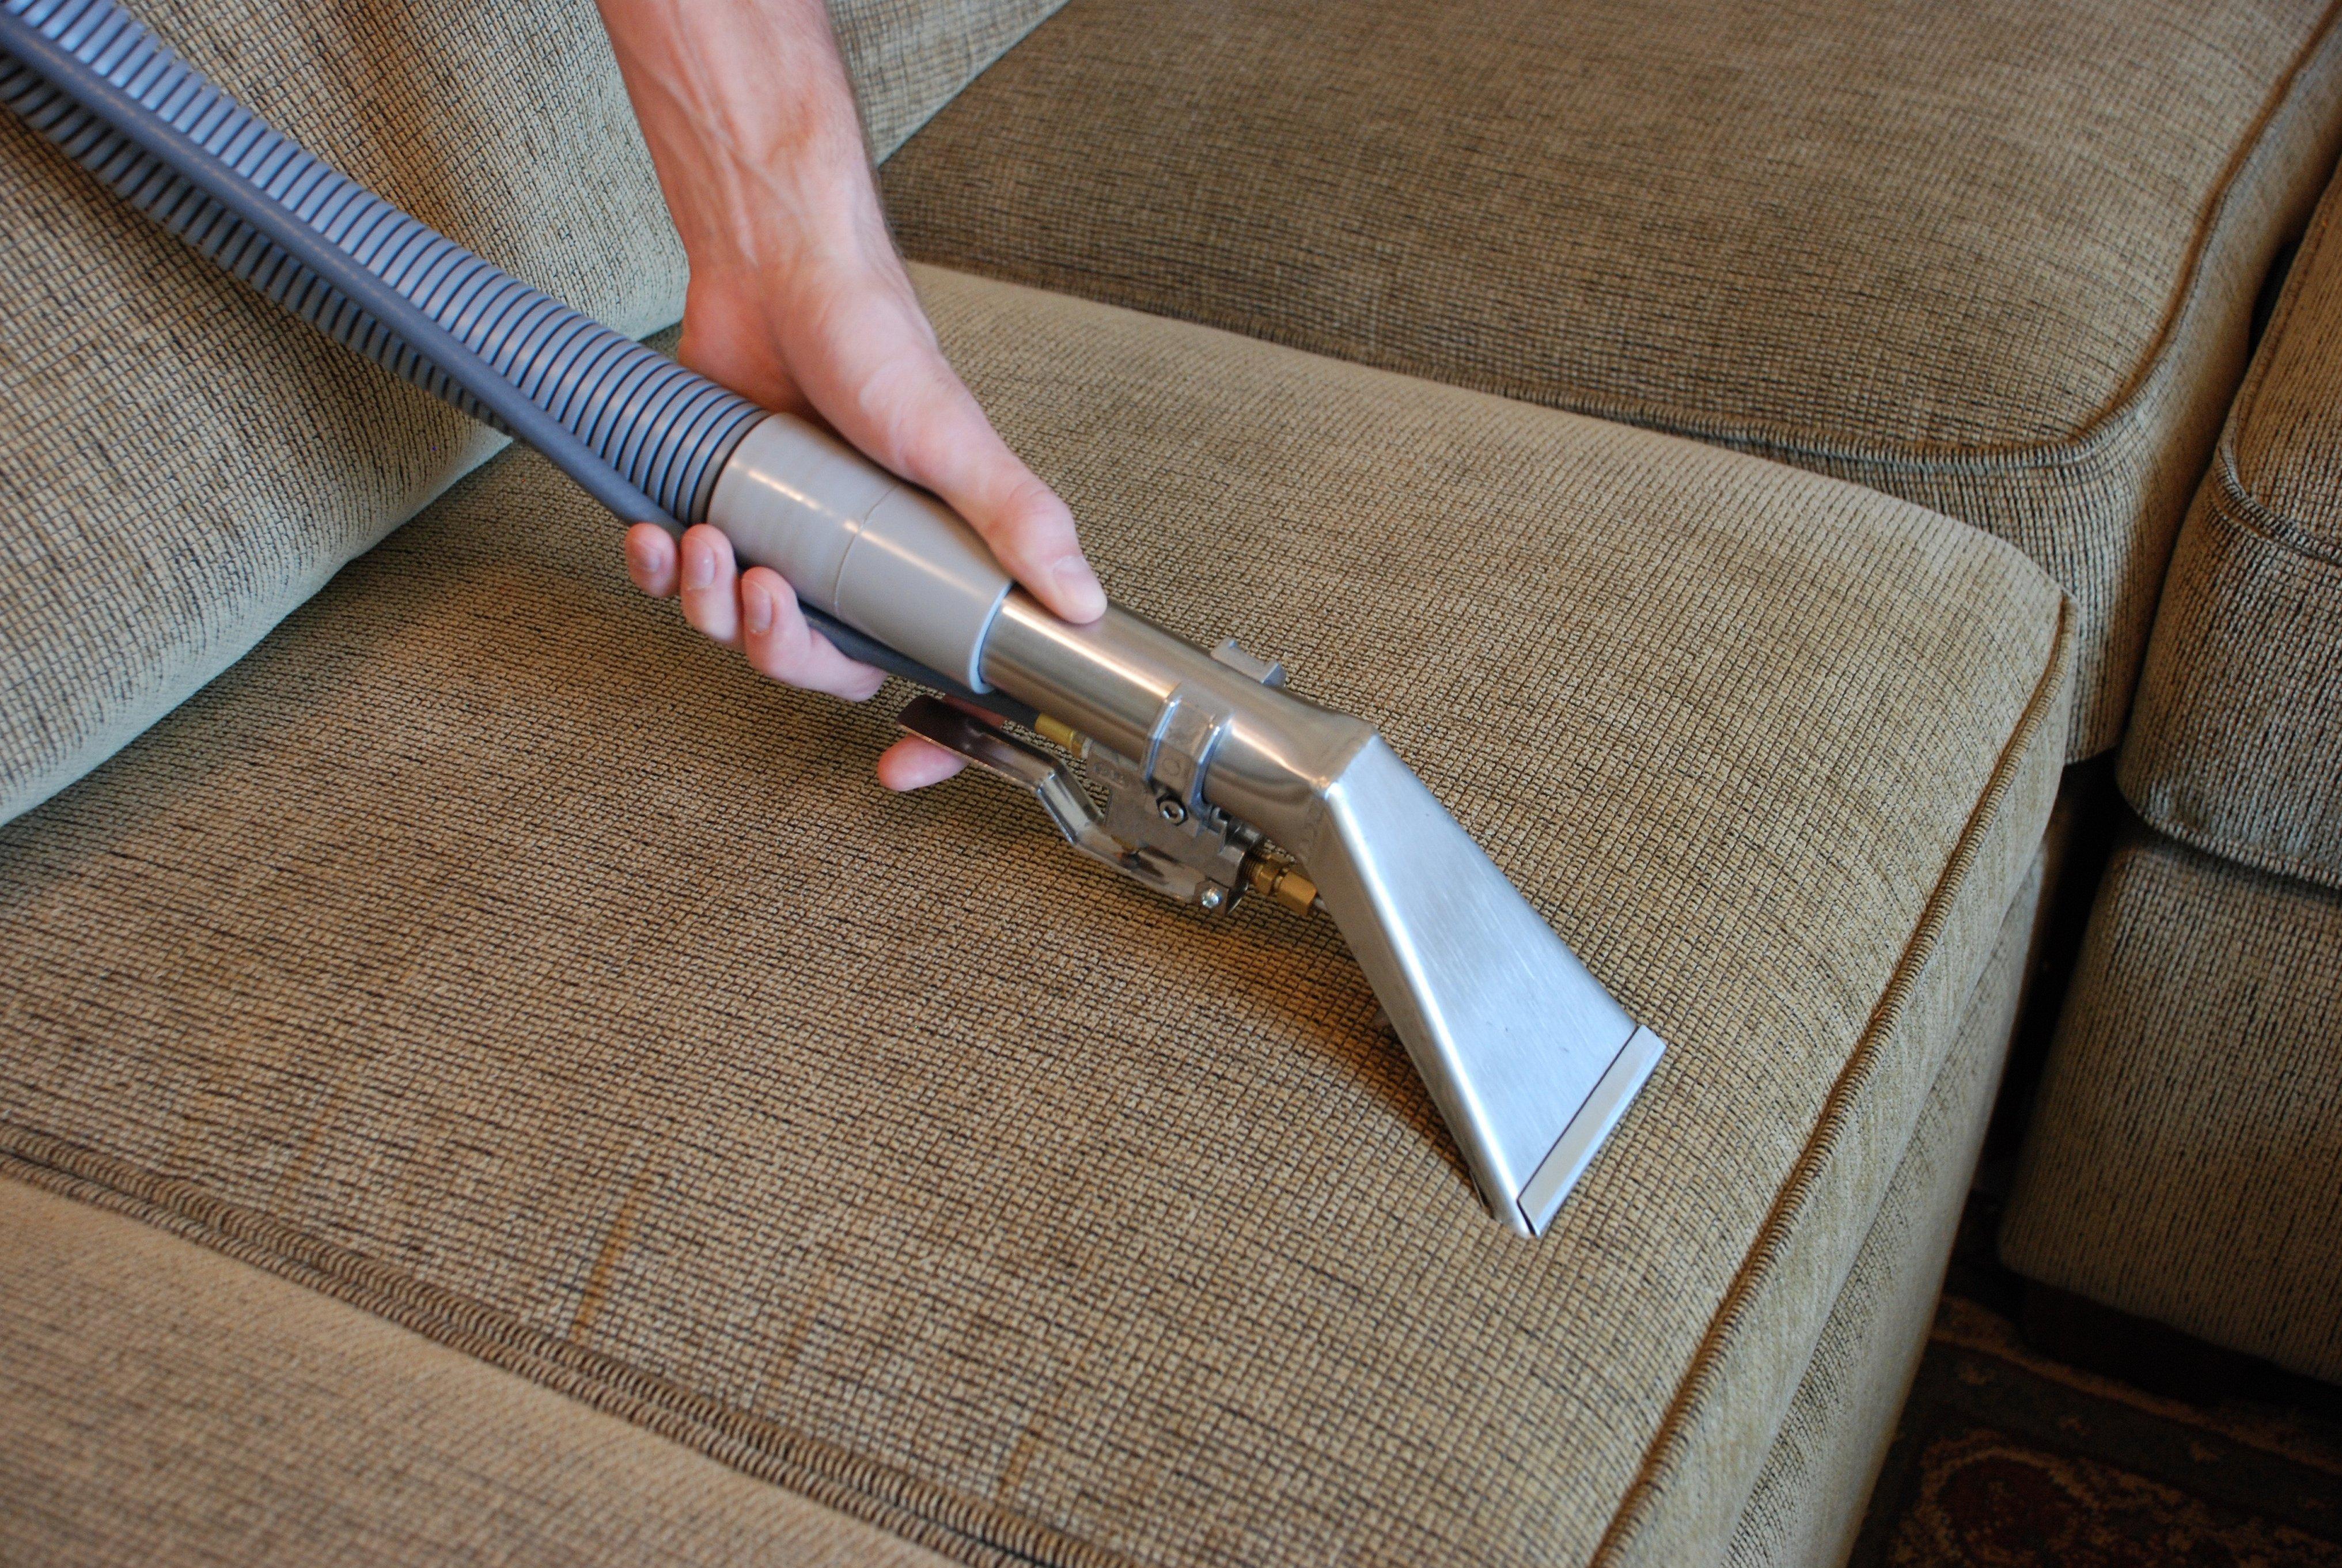 Ракета химчистка мебели